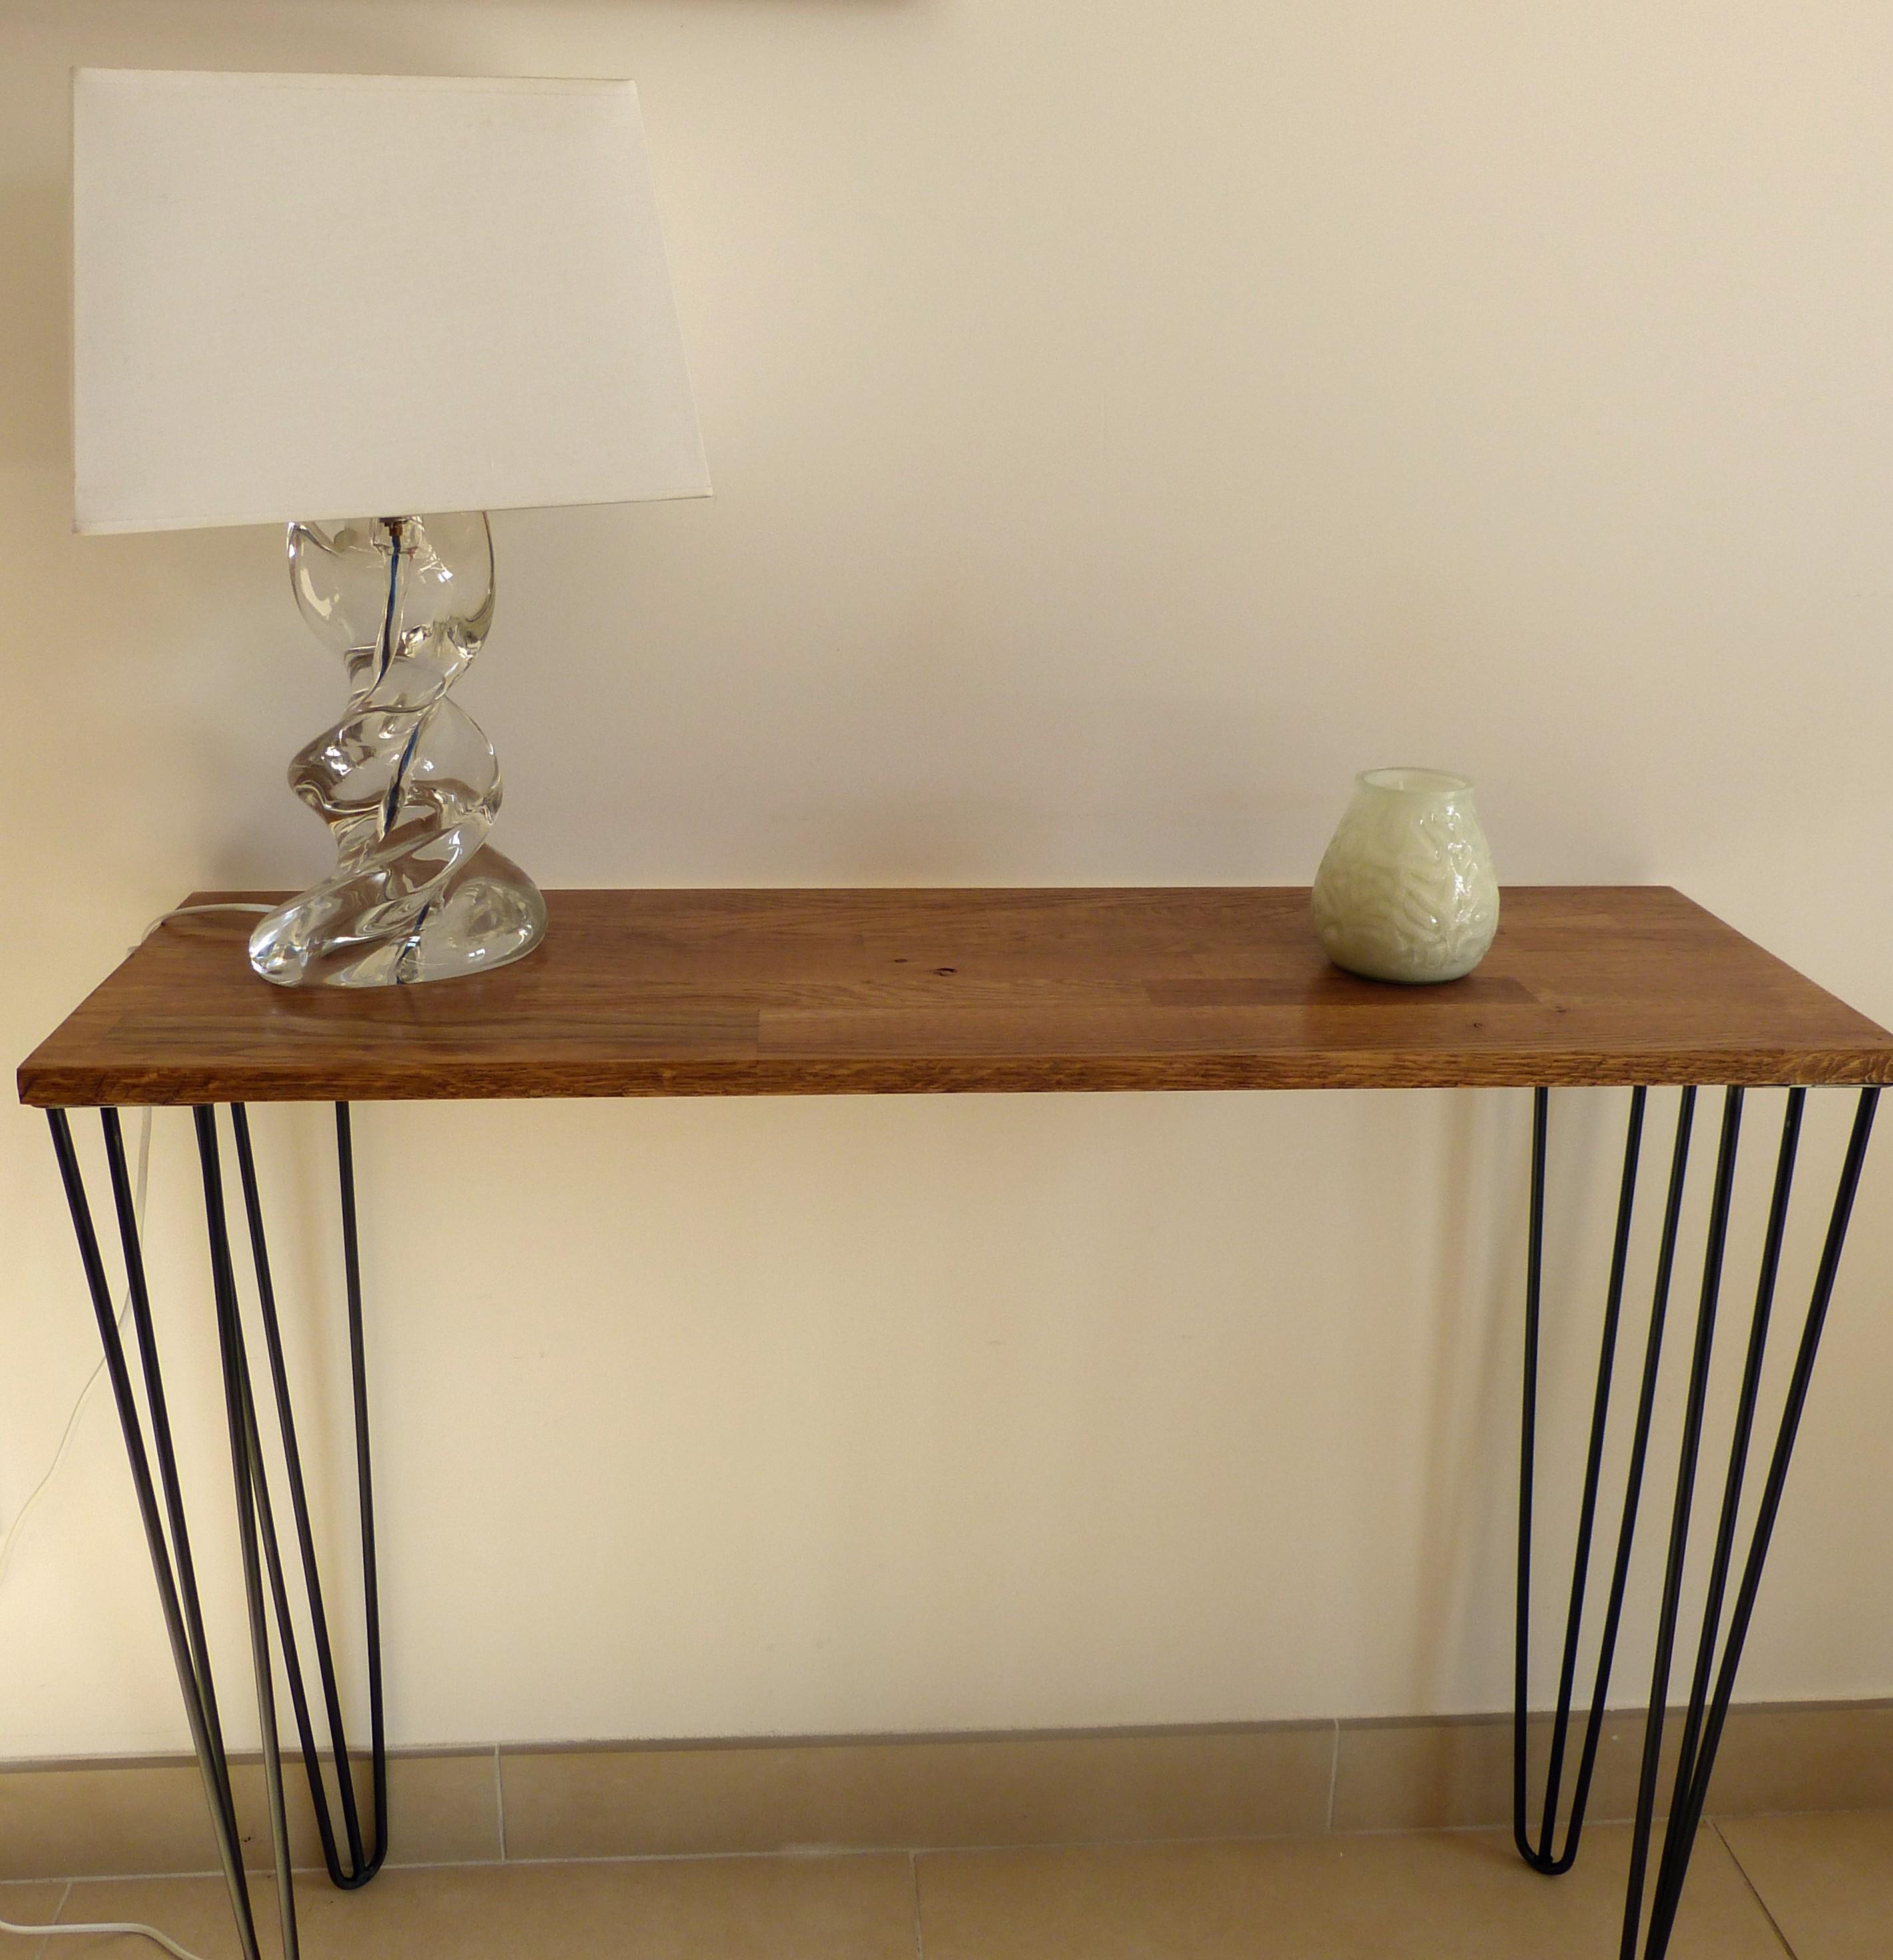 Table console sur hairpin legs en acier - Console depliable en table ...